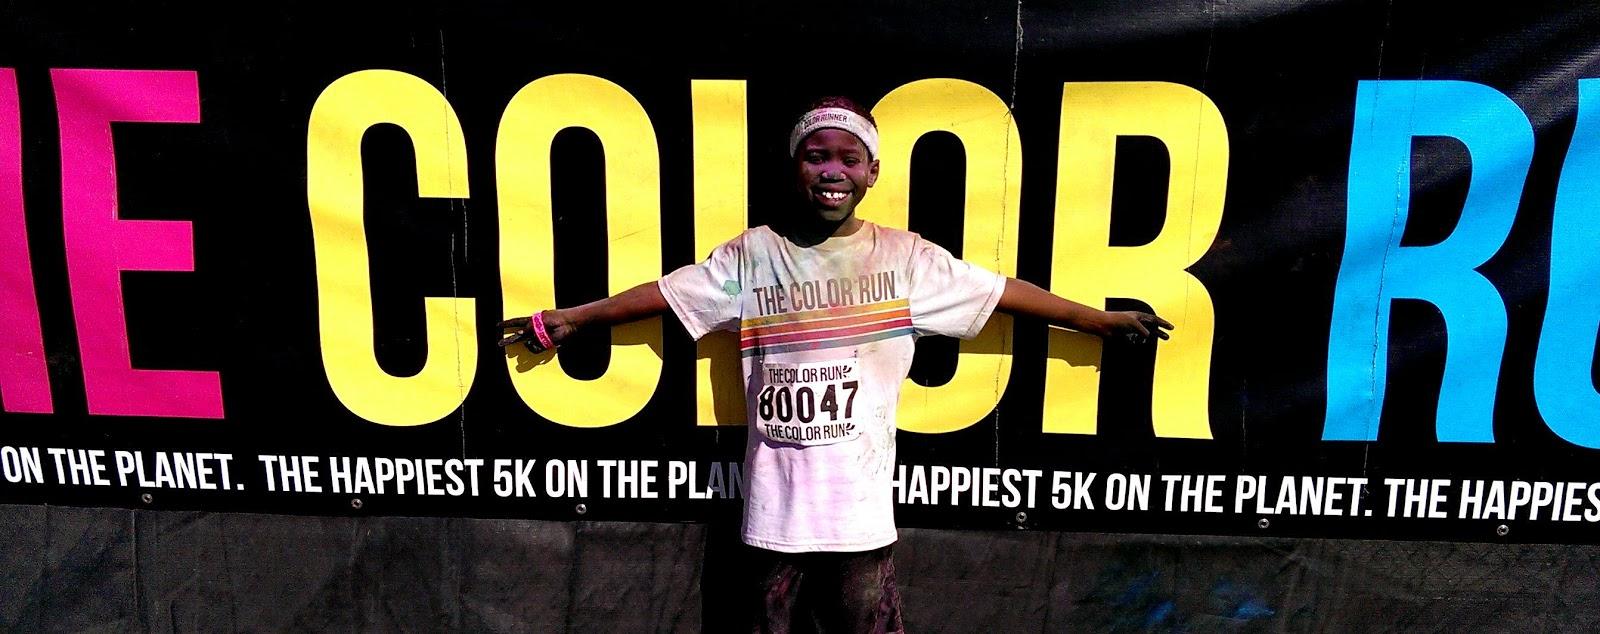 Color+Run Color Run Coupon Code 2014- The Color Run 2014 Kaleidoscope Tour!